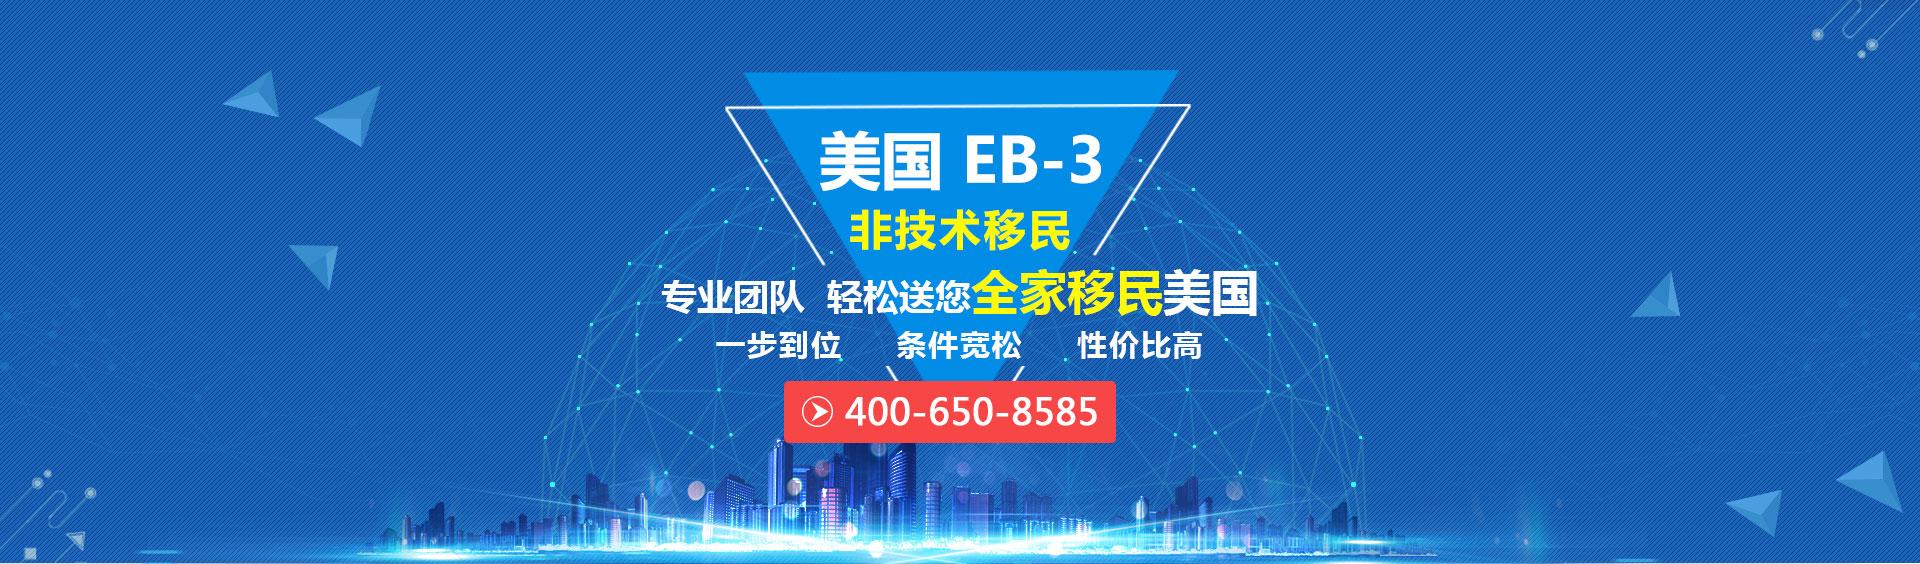 美国EB-3项目